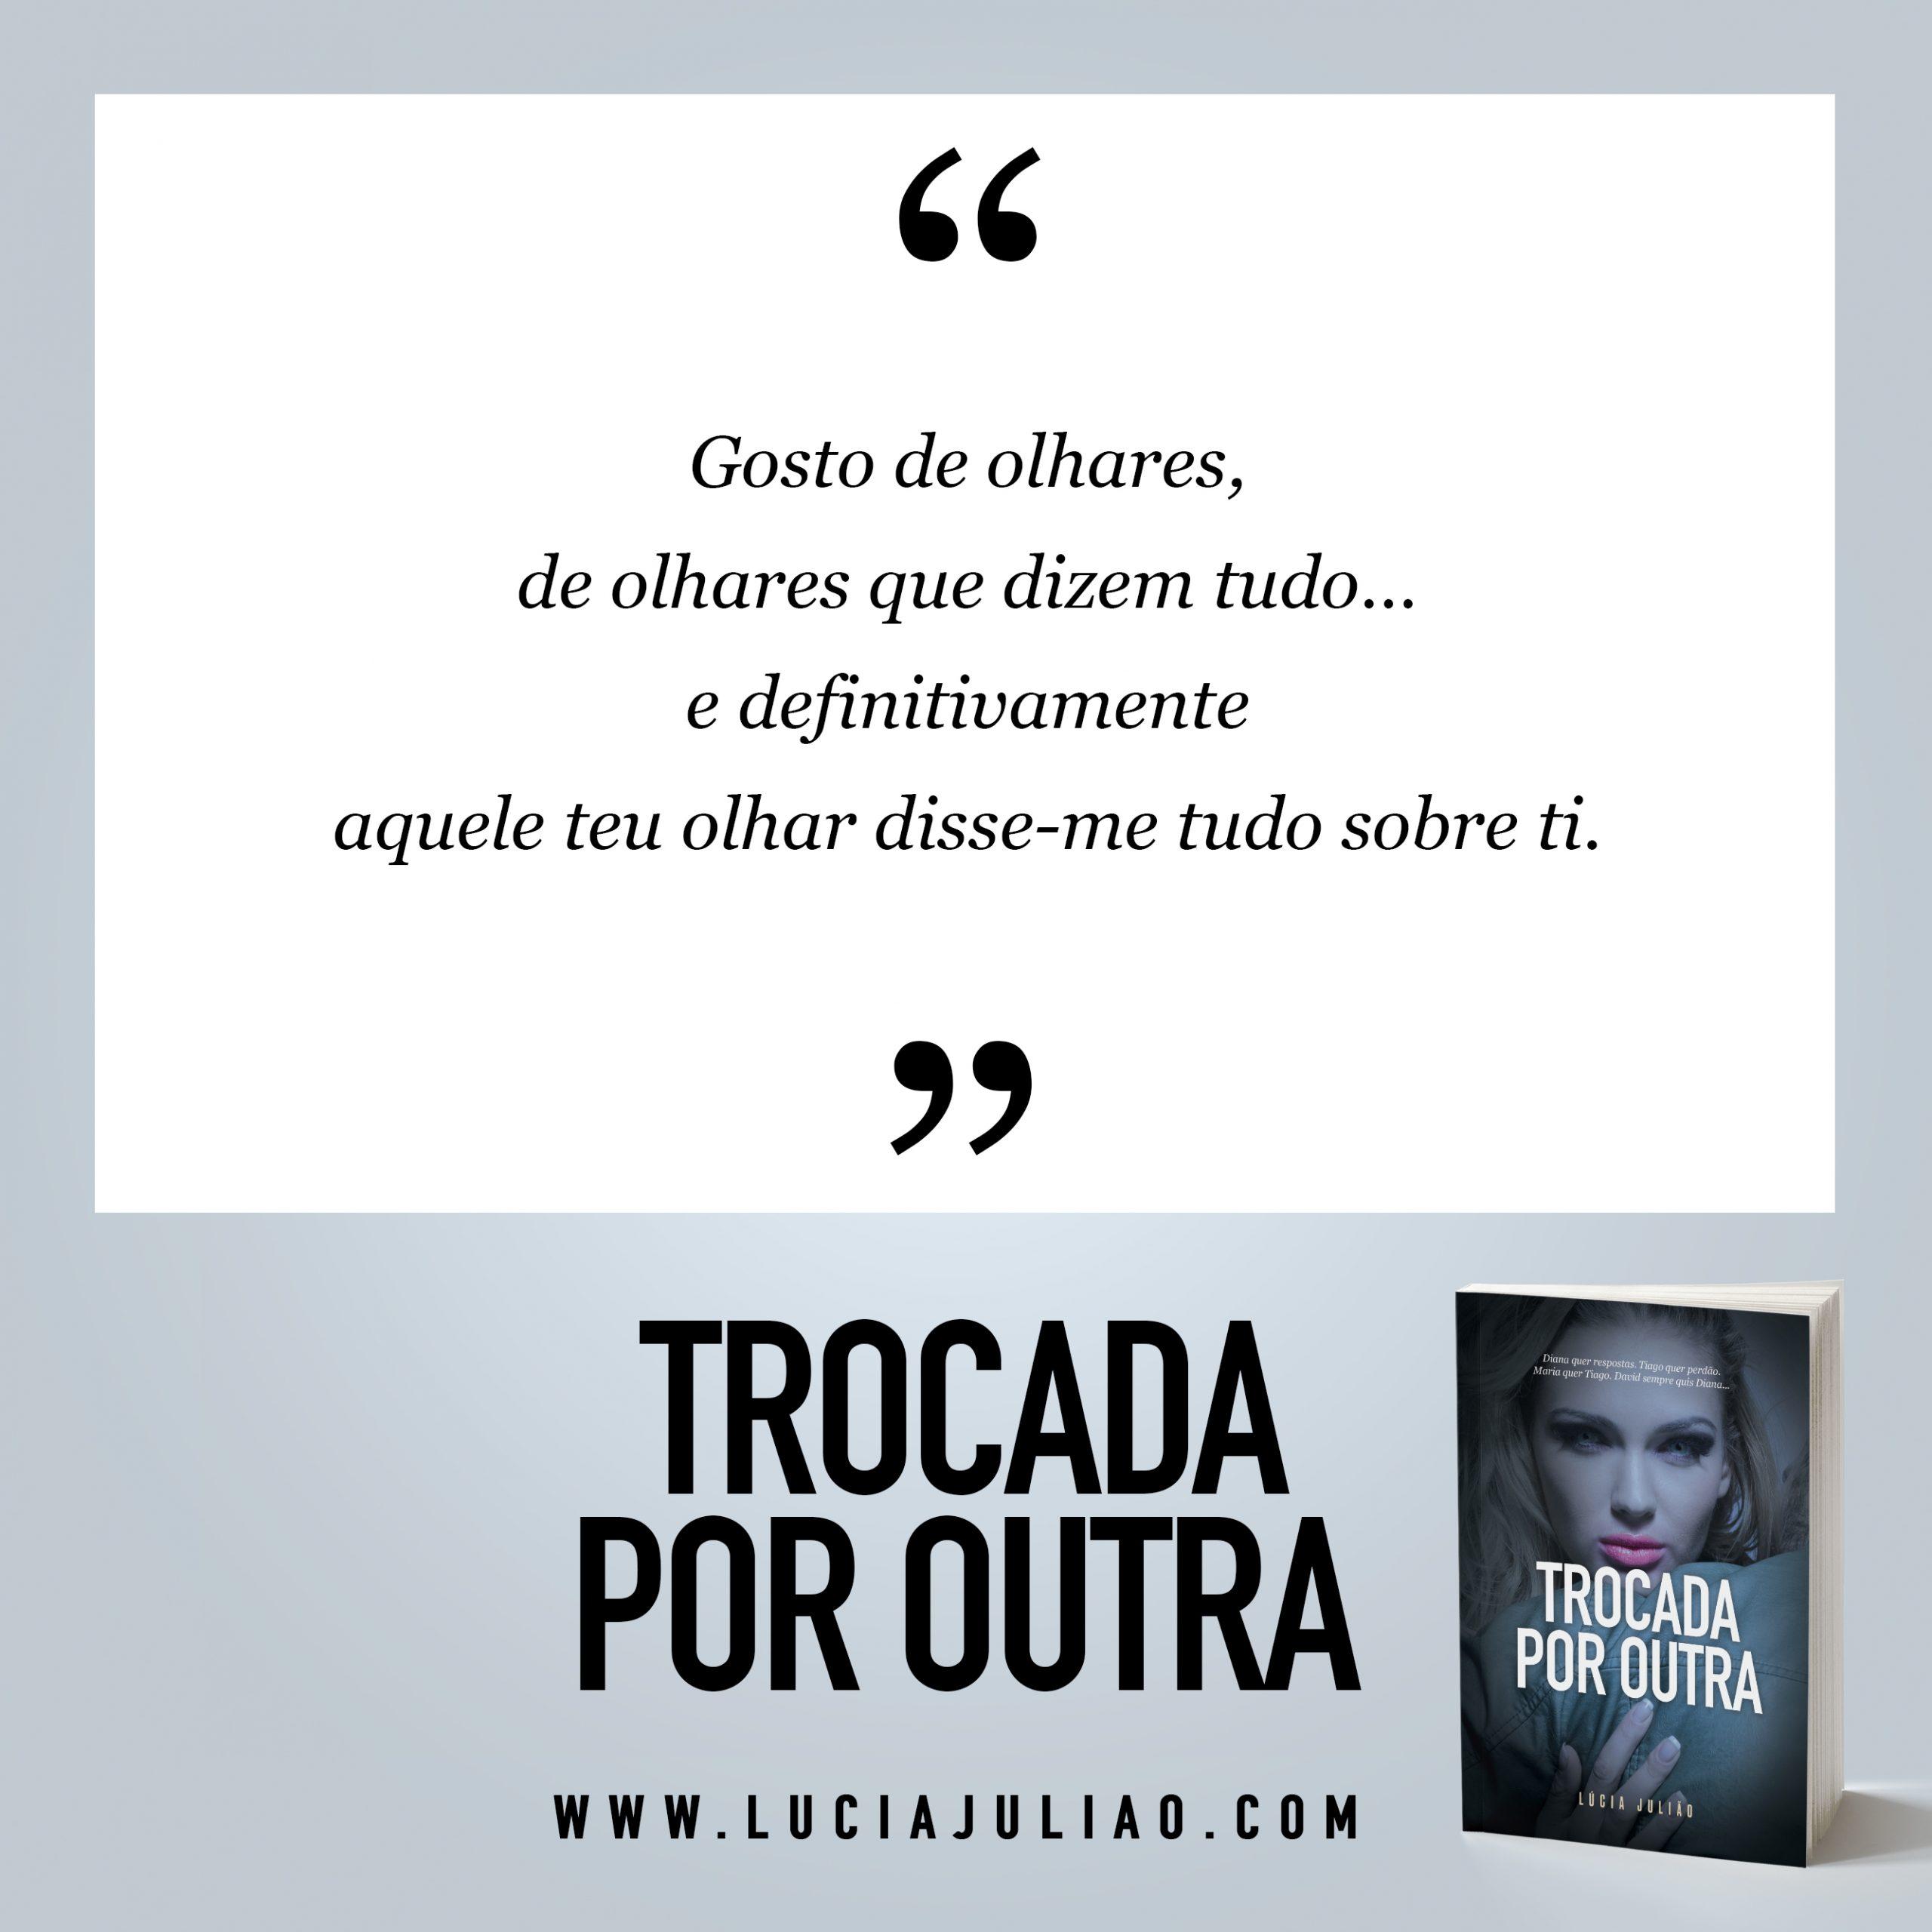 052Q - capitulo 17 Trocada por outra - Lúcia Julião